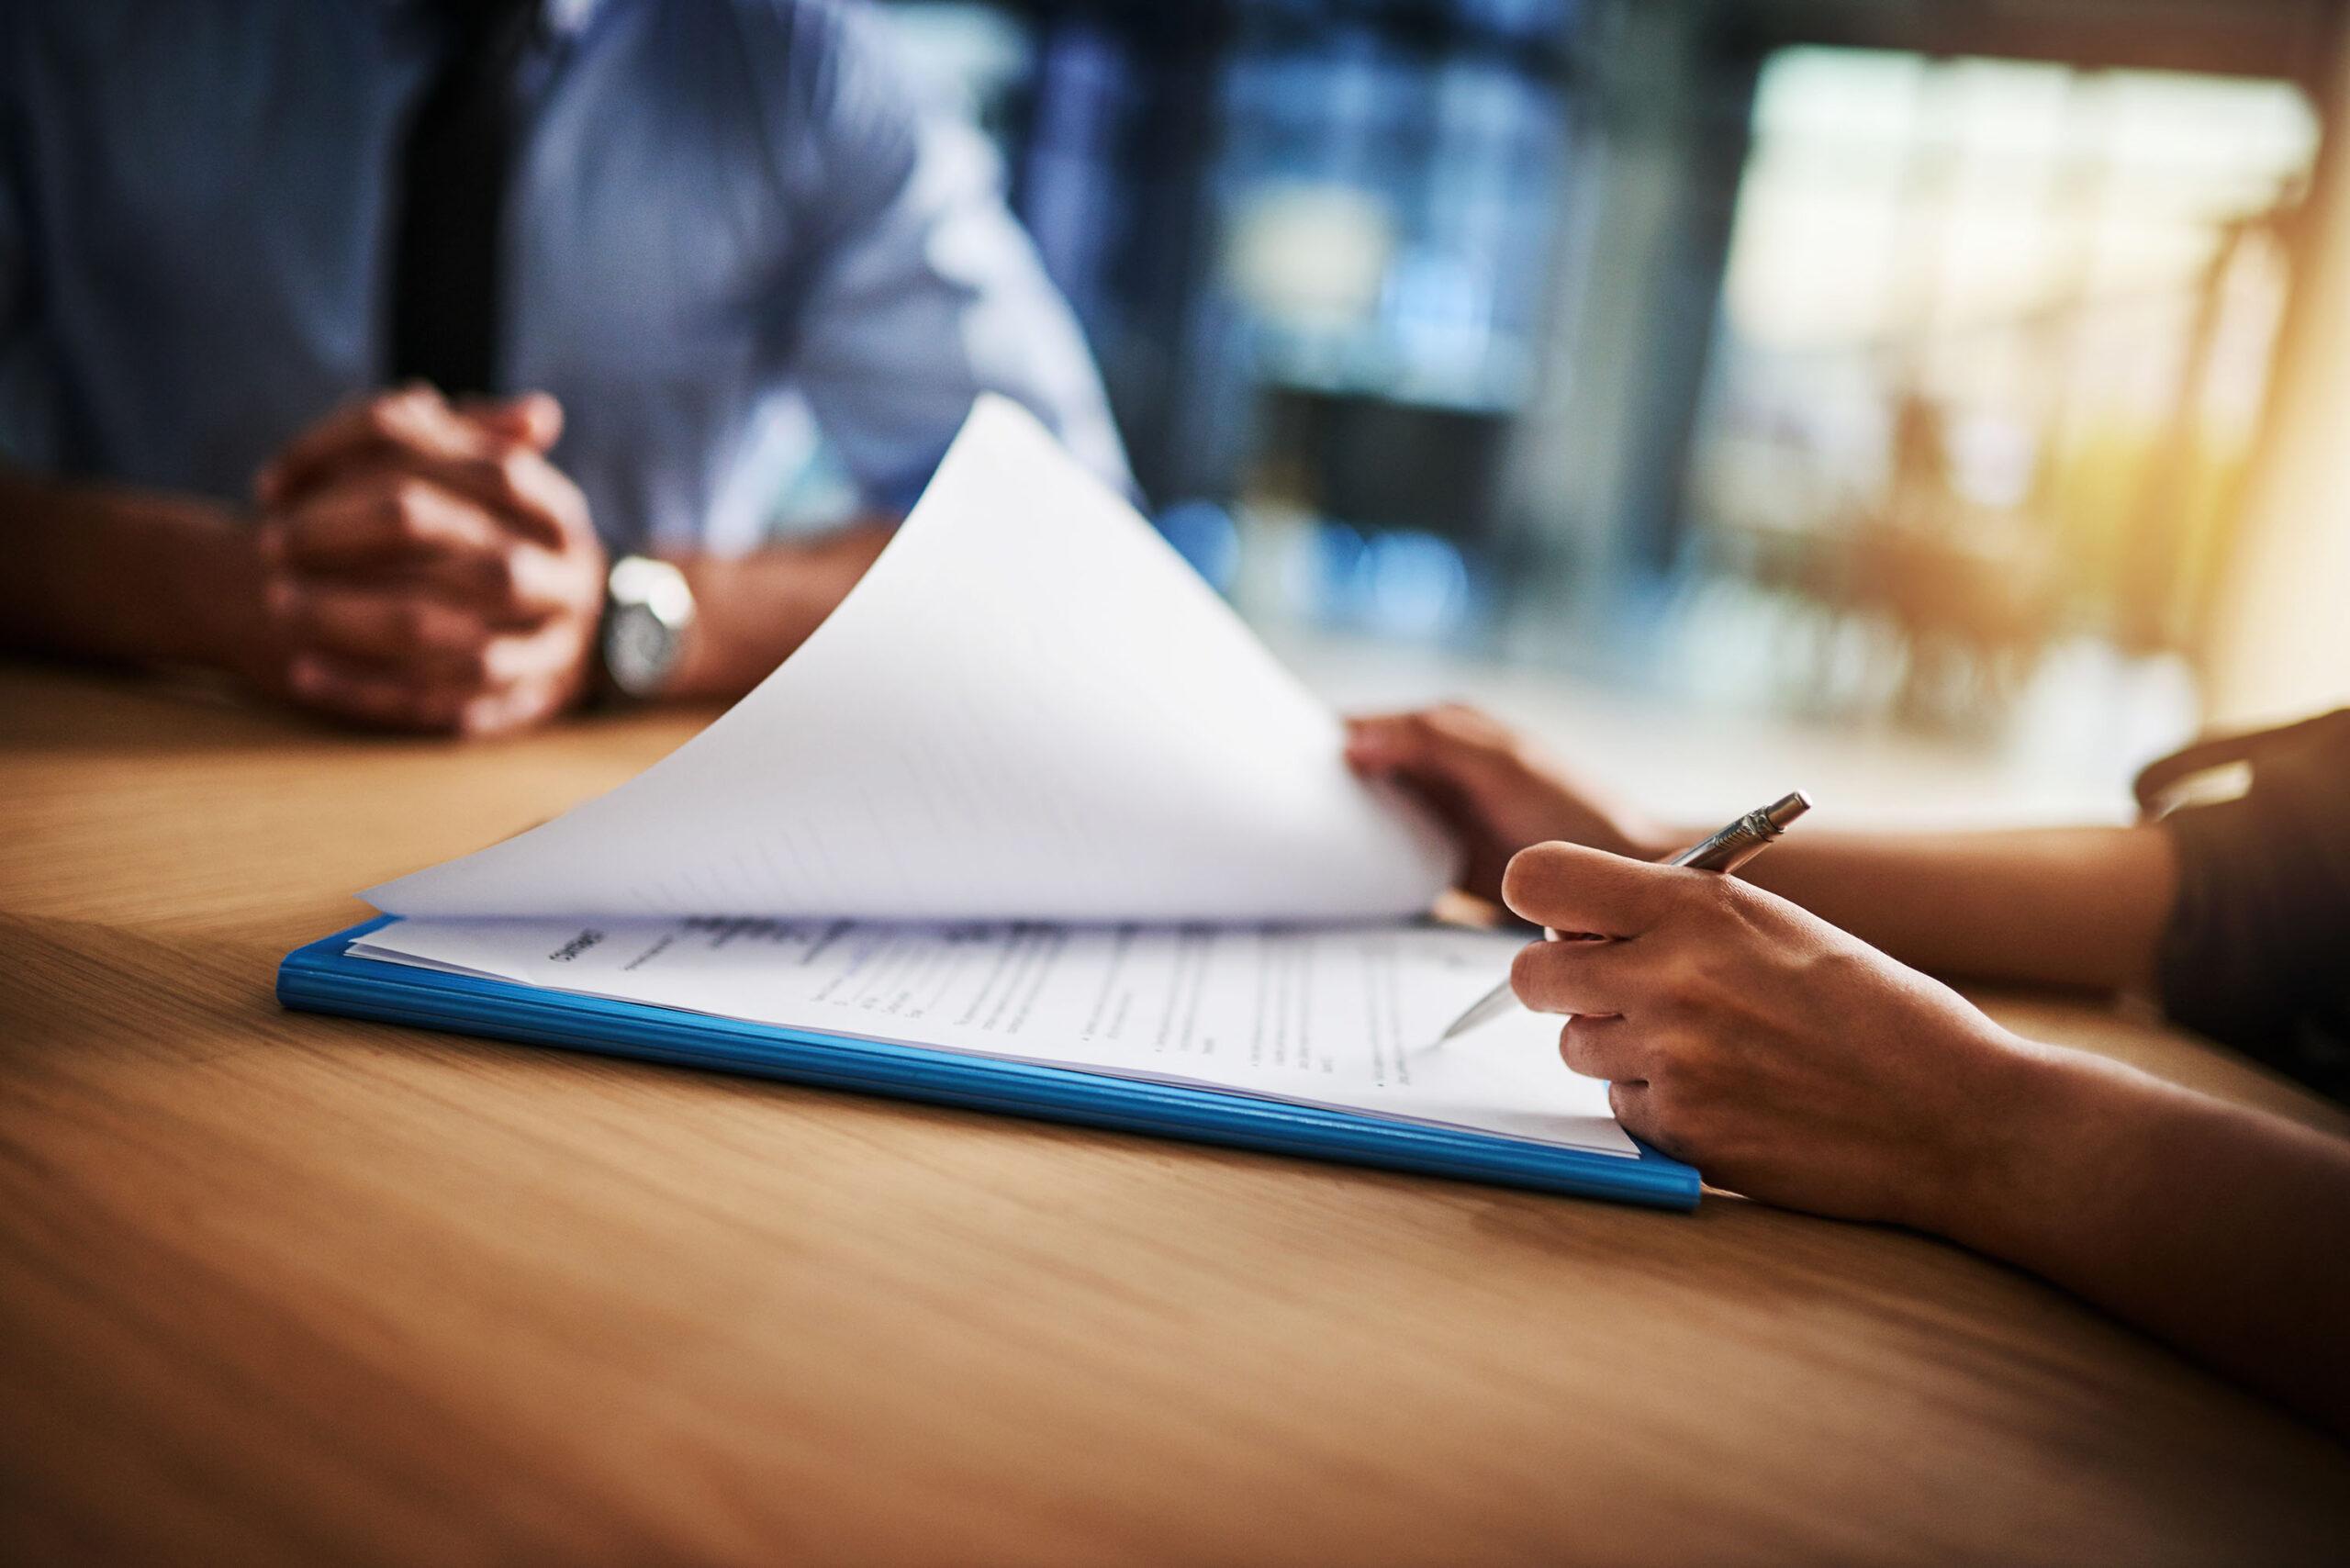 Mann und Frau erledigen Papierkram